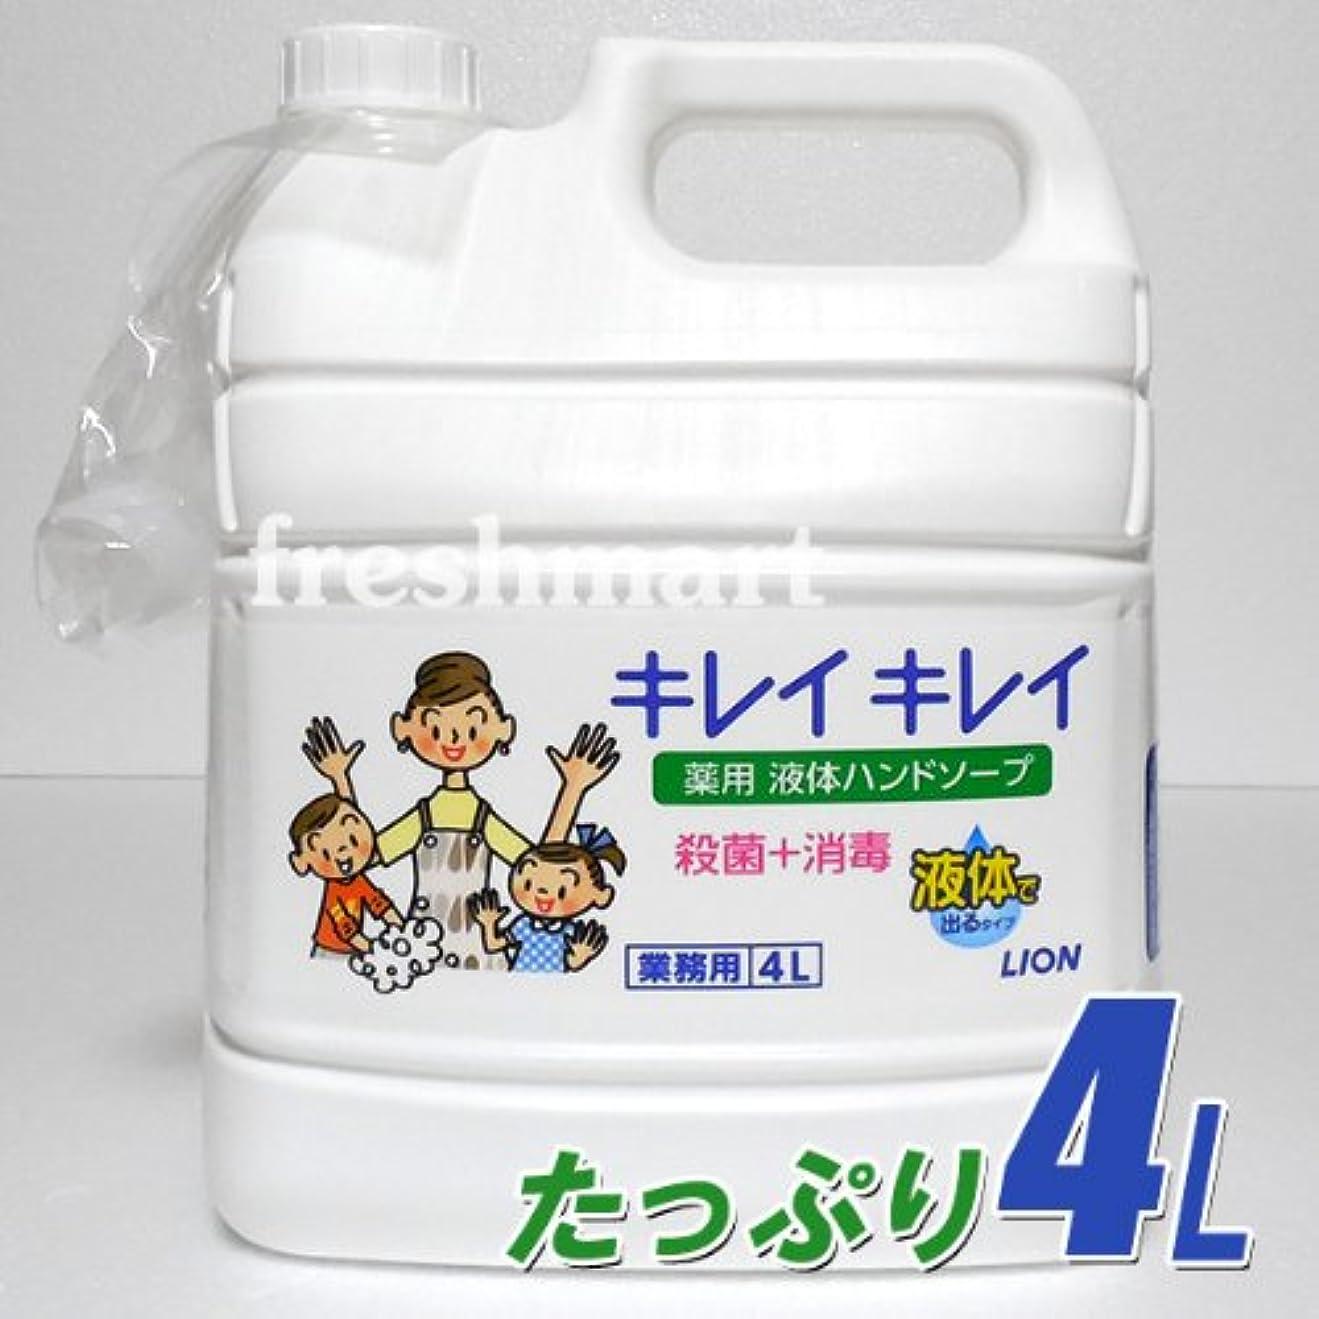 シガレット母スペクトラム☆100%植物性洗浄成分使用☆ ライオン キレイキレイ 薬用液体ハンドソープ つめかえ用4L 業務用 大容量 ボトル